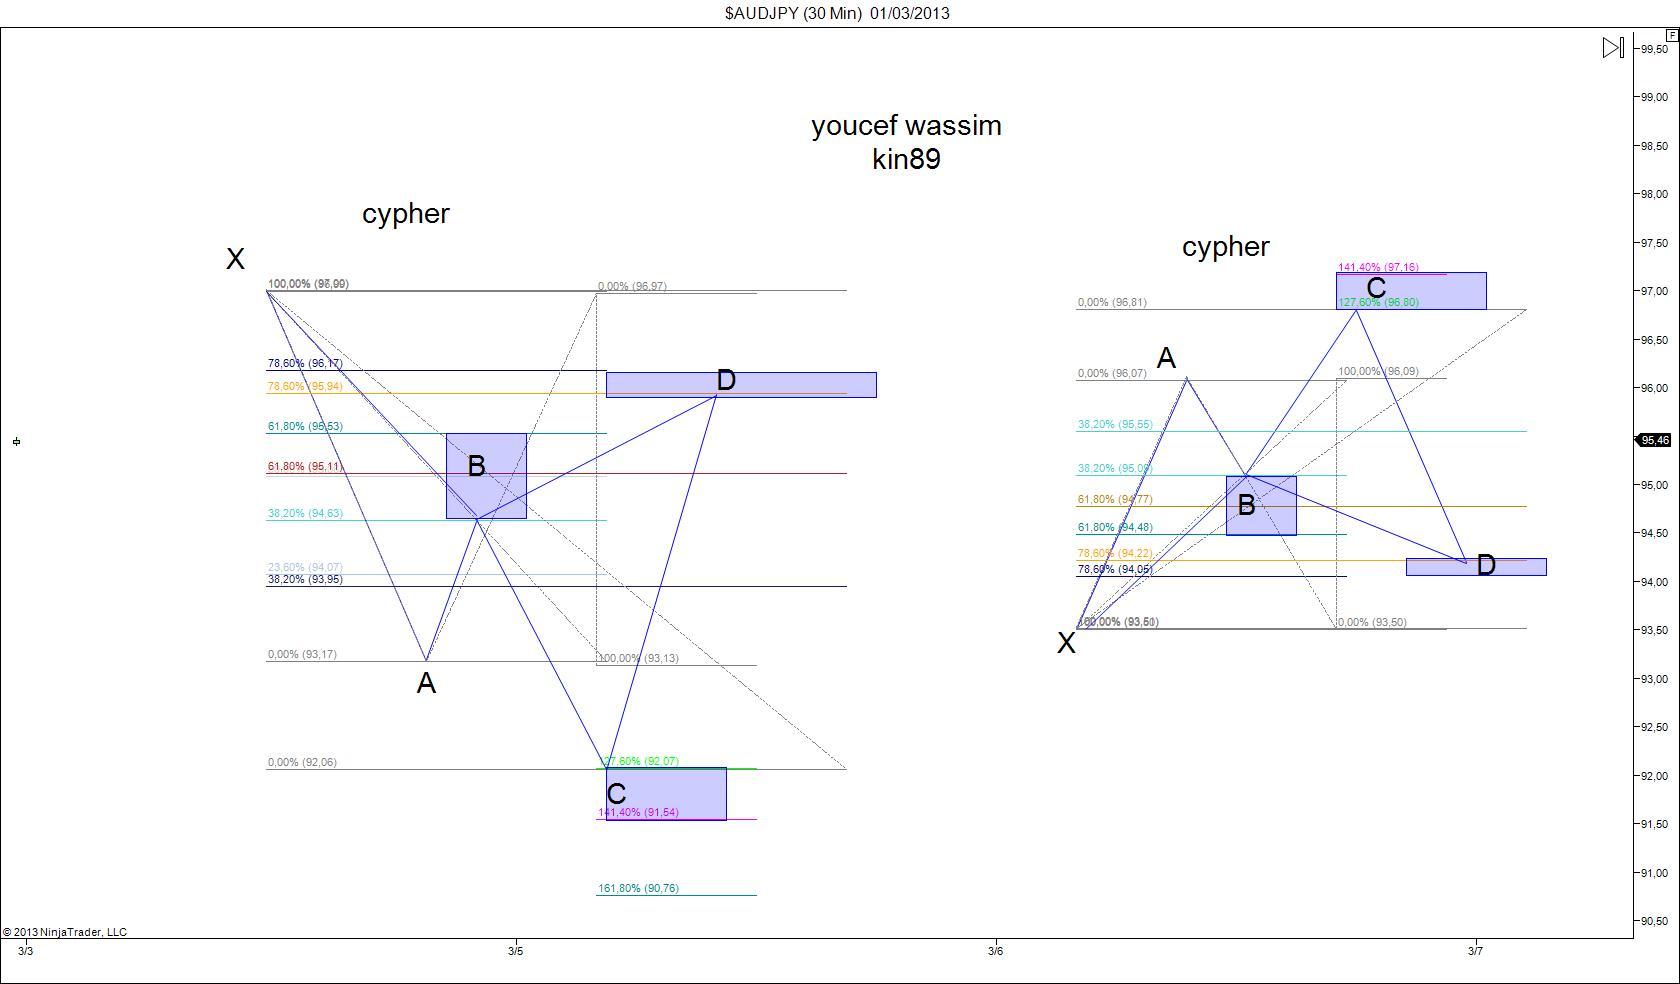 نموذج هارمونيك Cypher